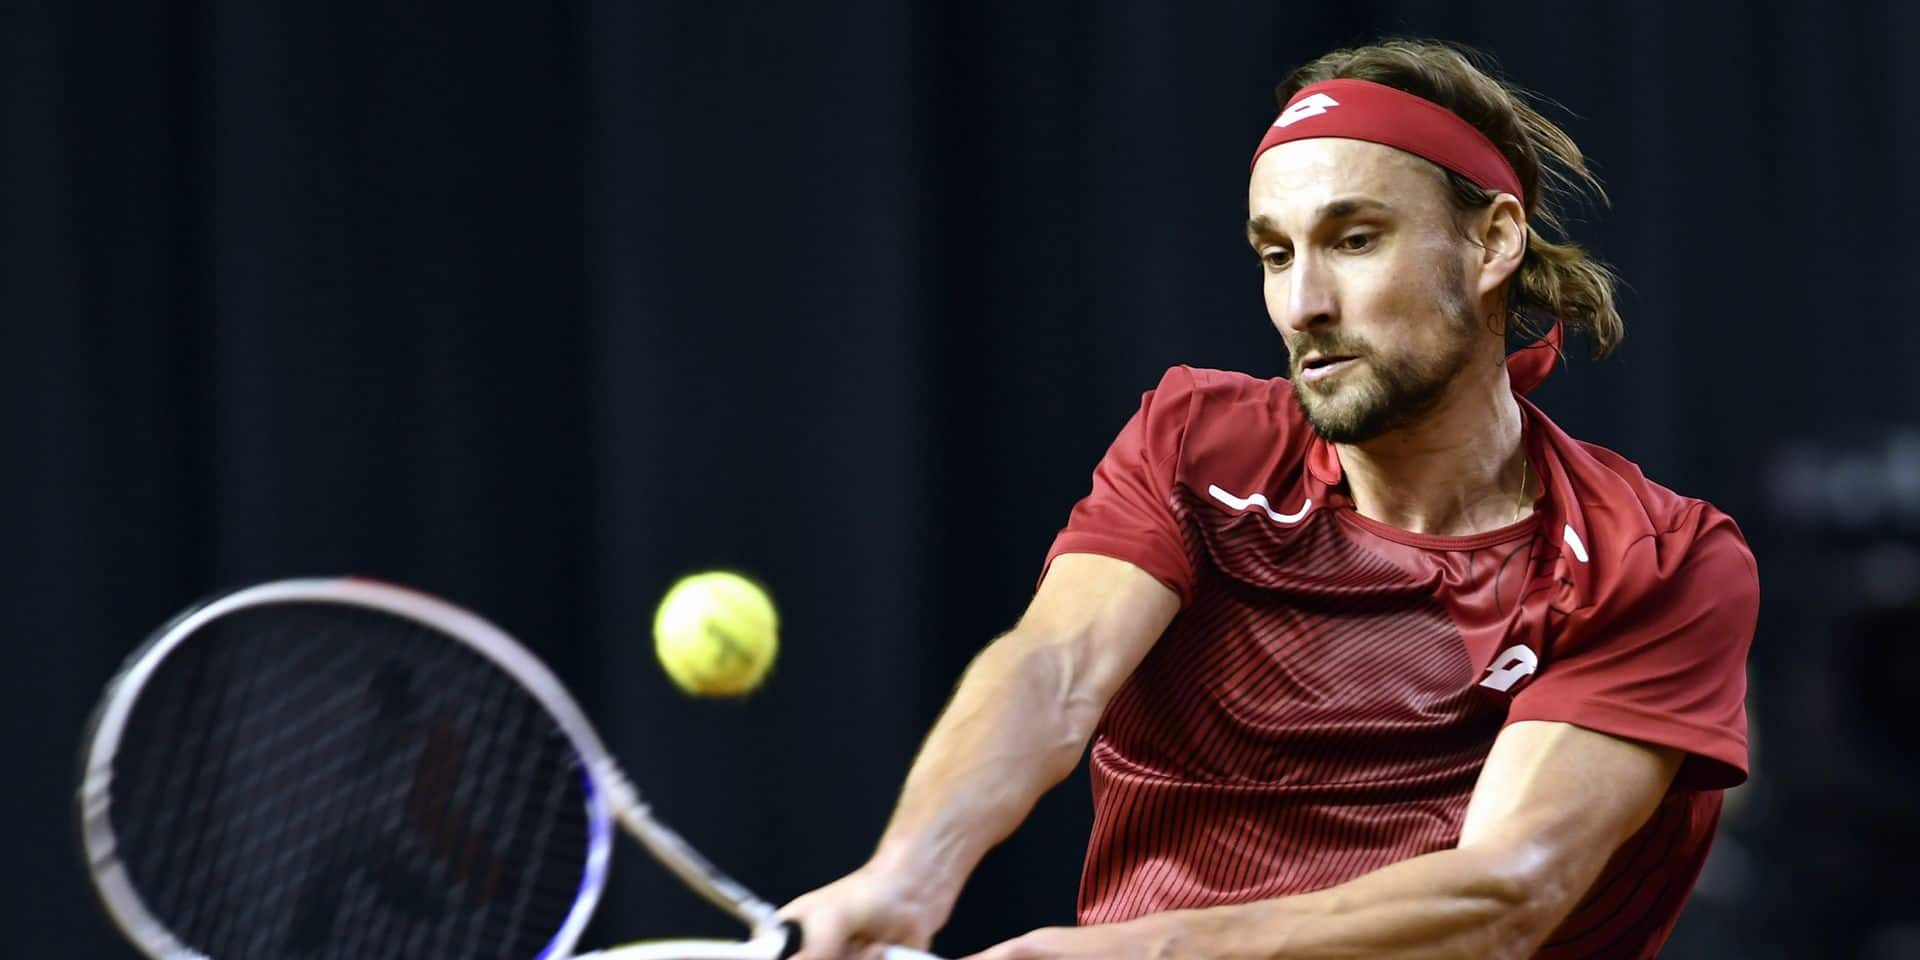 Roland-Garros: Bemelmans avance au 2e tour, Kimmer Coppejans sauve trois balles de match avant de battre Guillermo Garcia Lopez